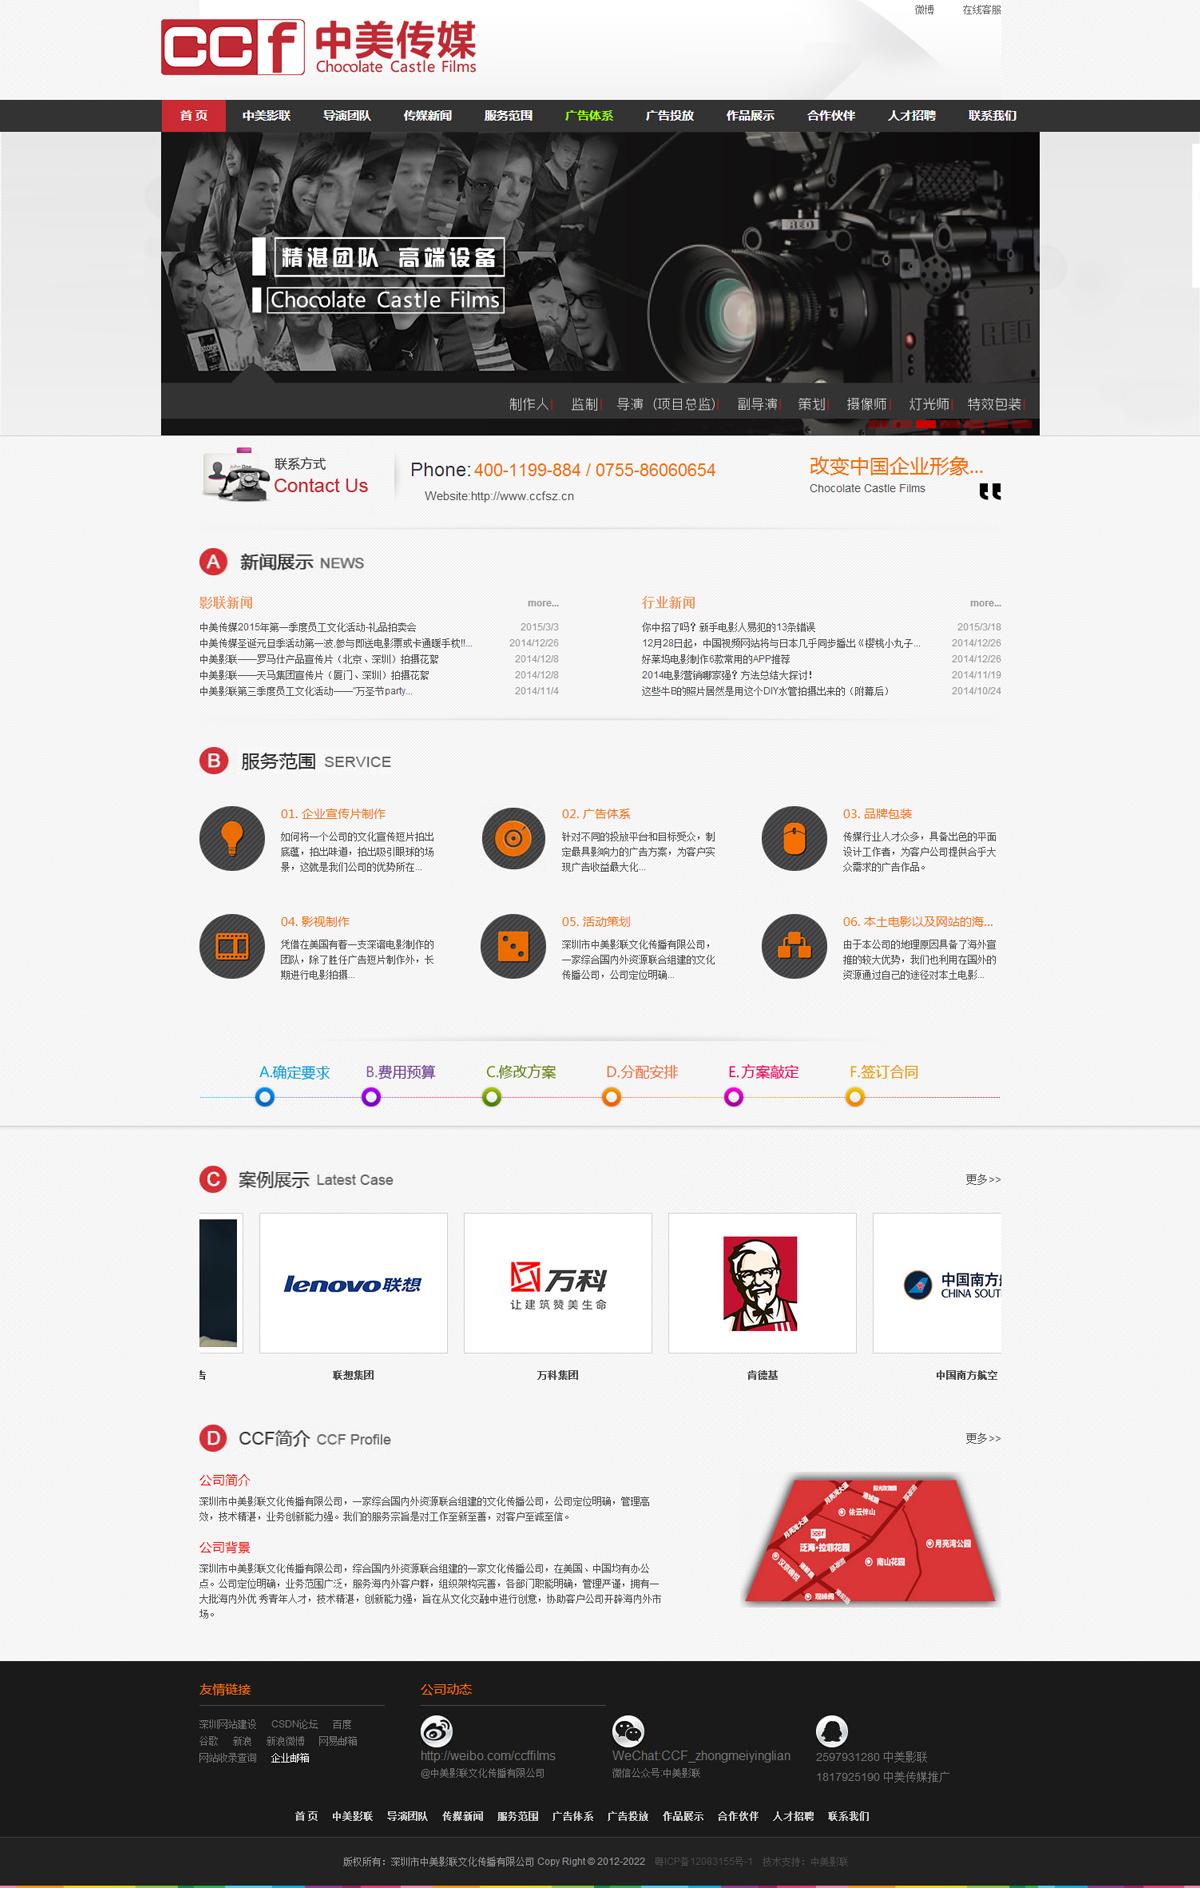 中美影联文化传播有限公司www.dafabet案例